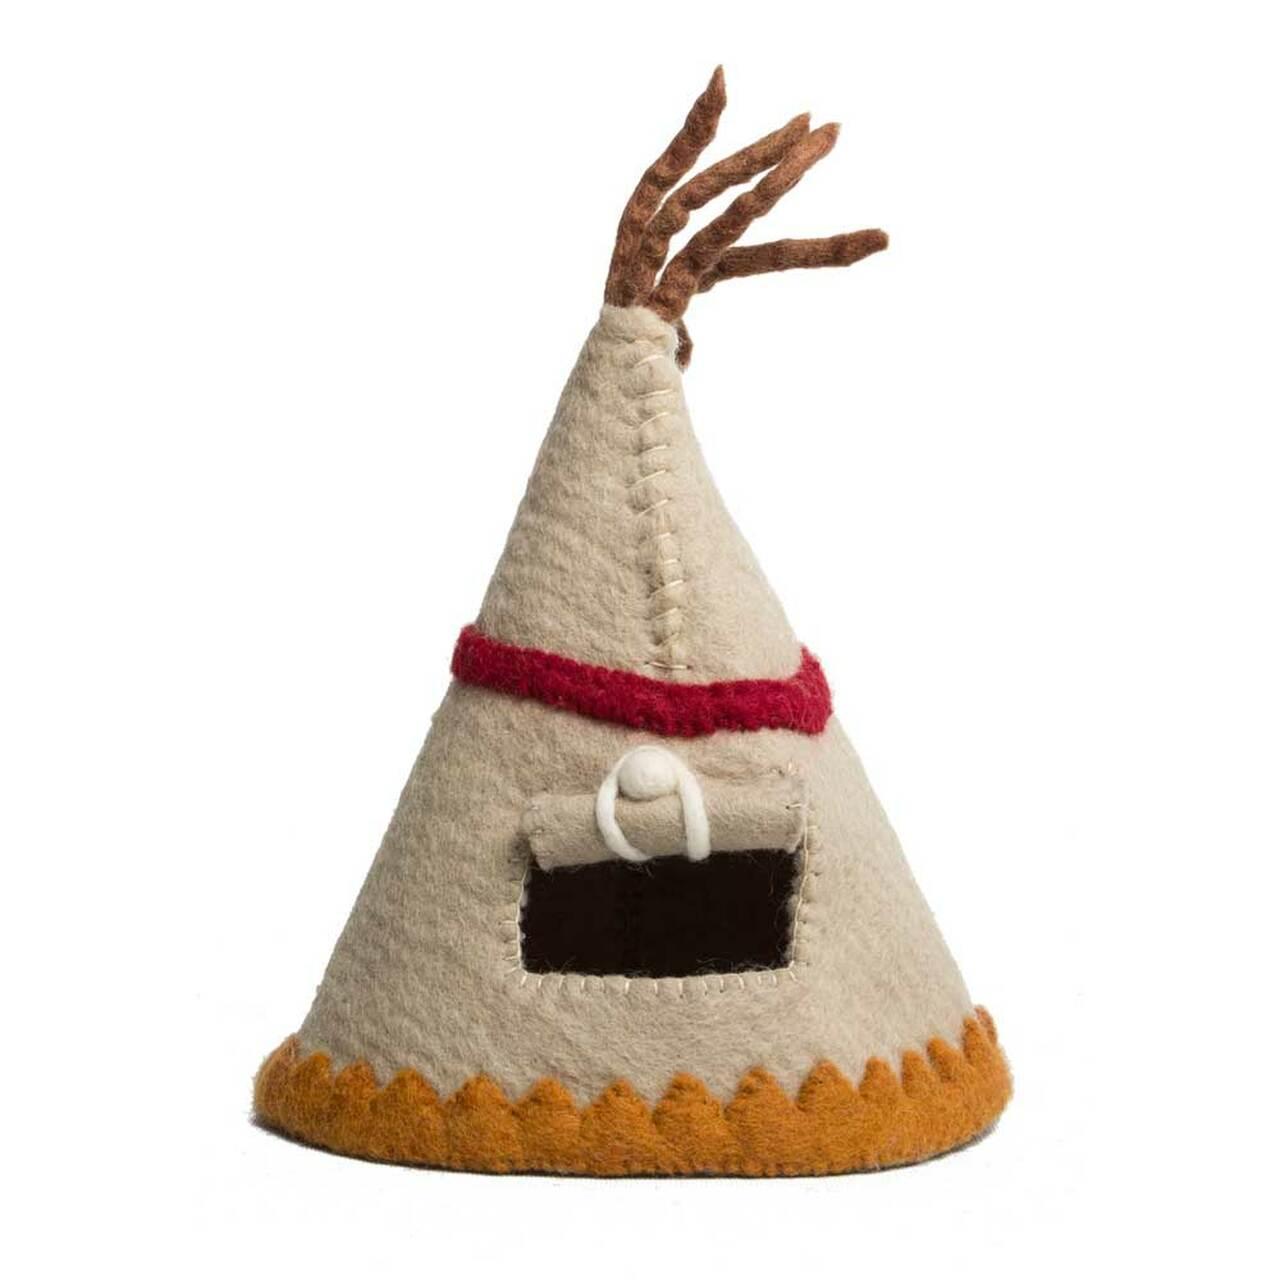 Tenda Tipi de Lã | Papoose